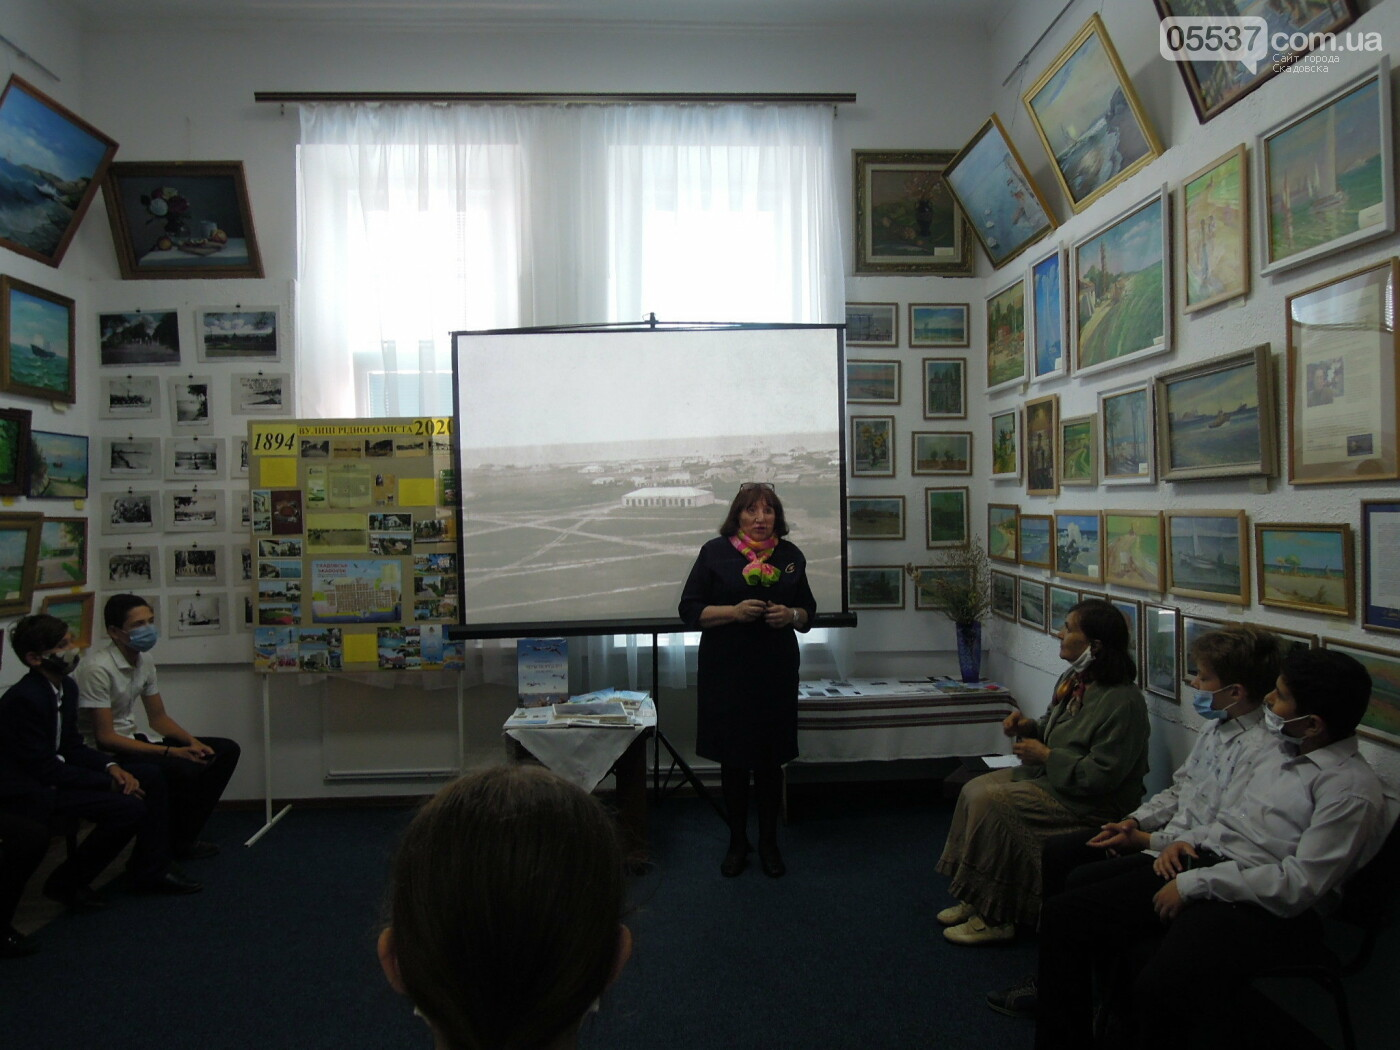 Ученикам скадовской школы рассказали про Джарылгач, фото-4